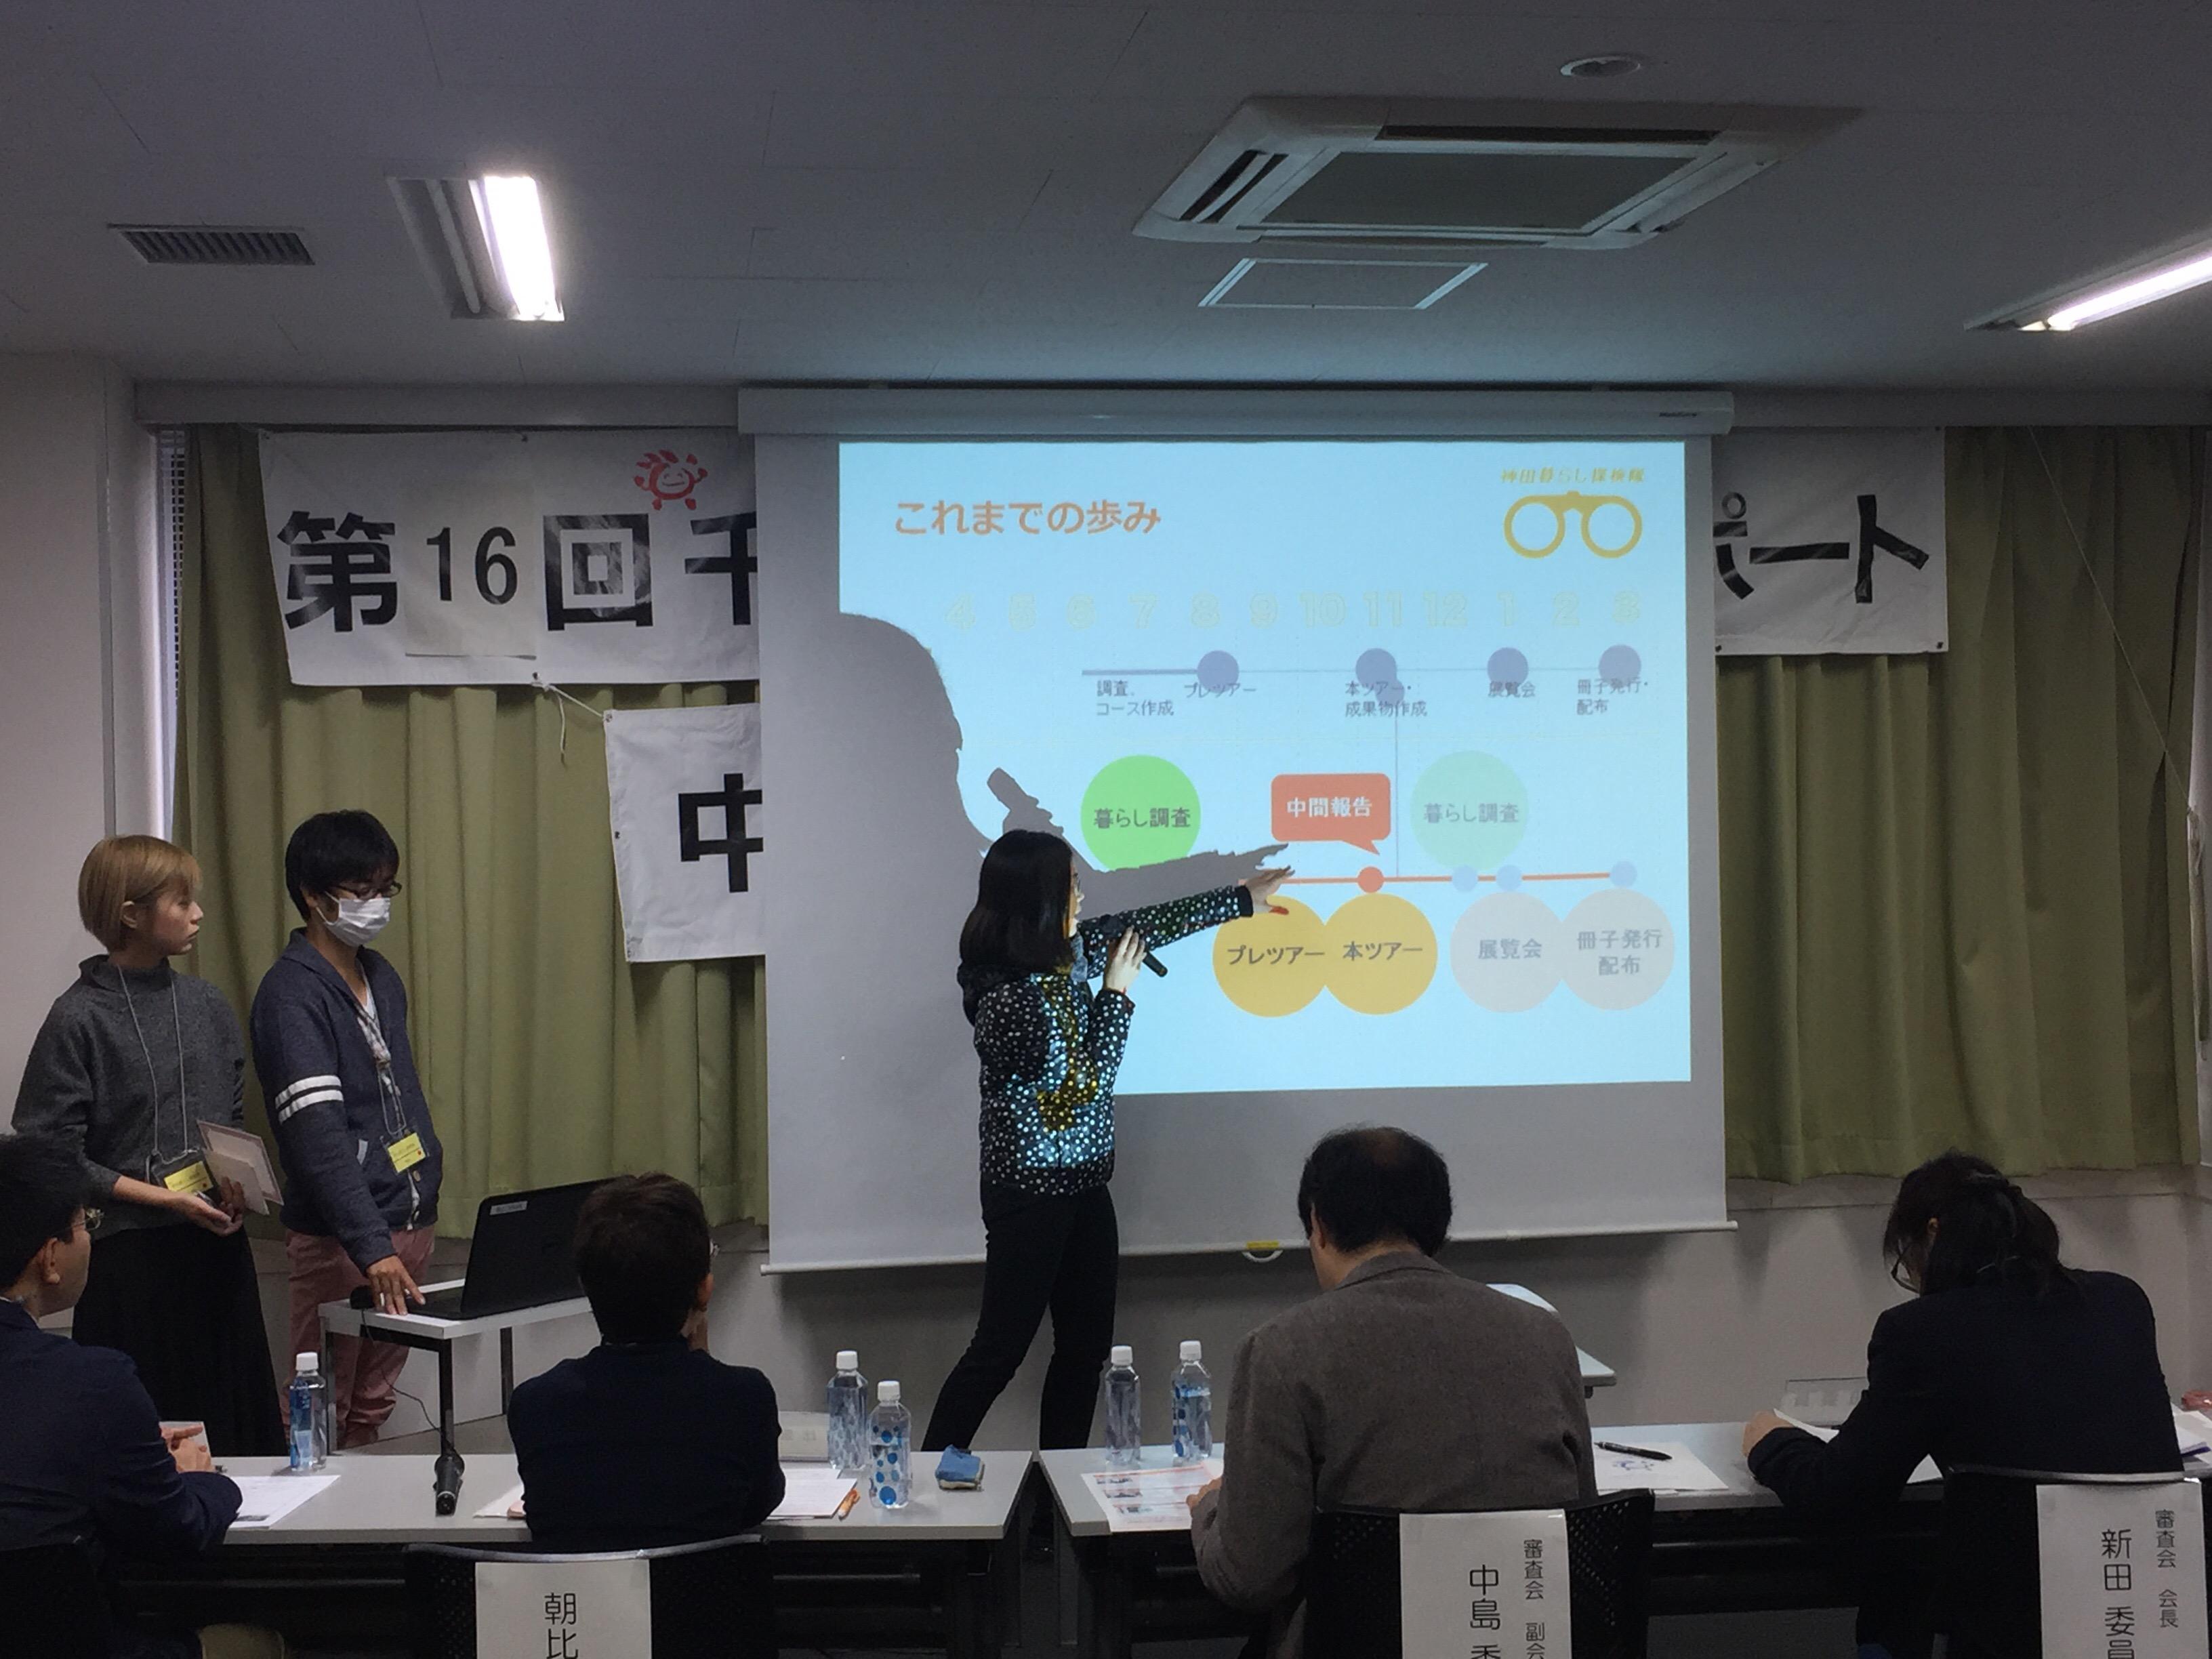 http://ud.t.u-tokyo.ac.jp/blog/_images/IMG_1854.JPG